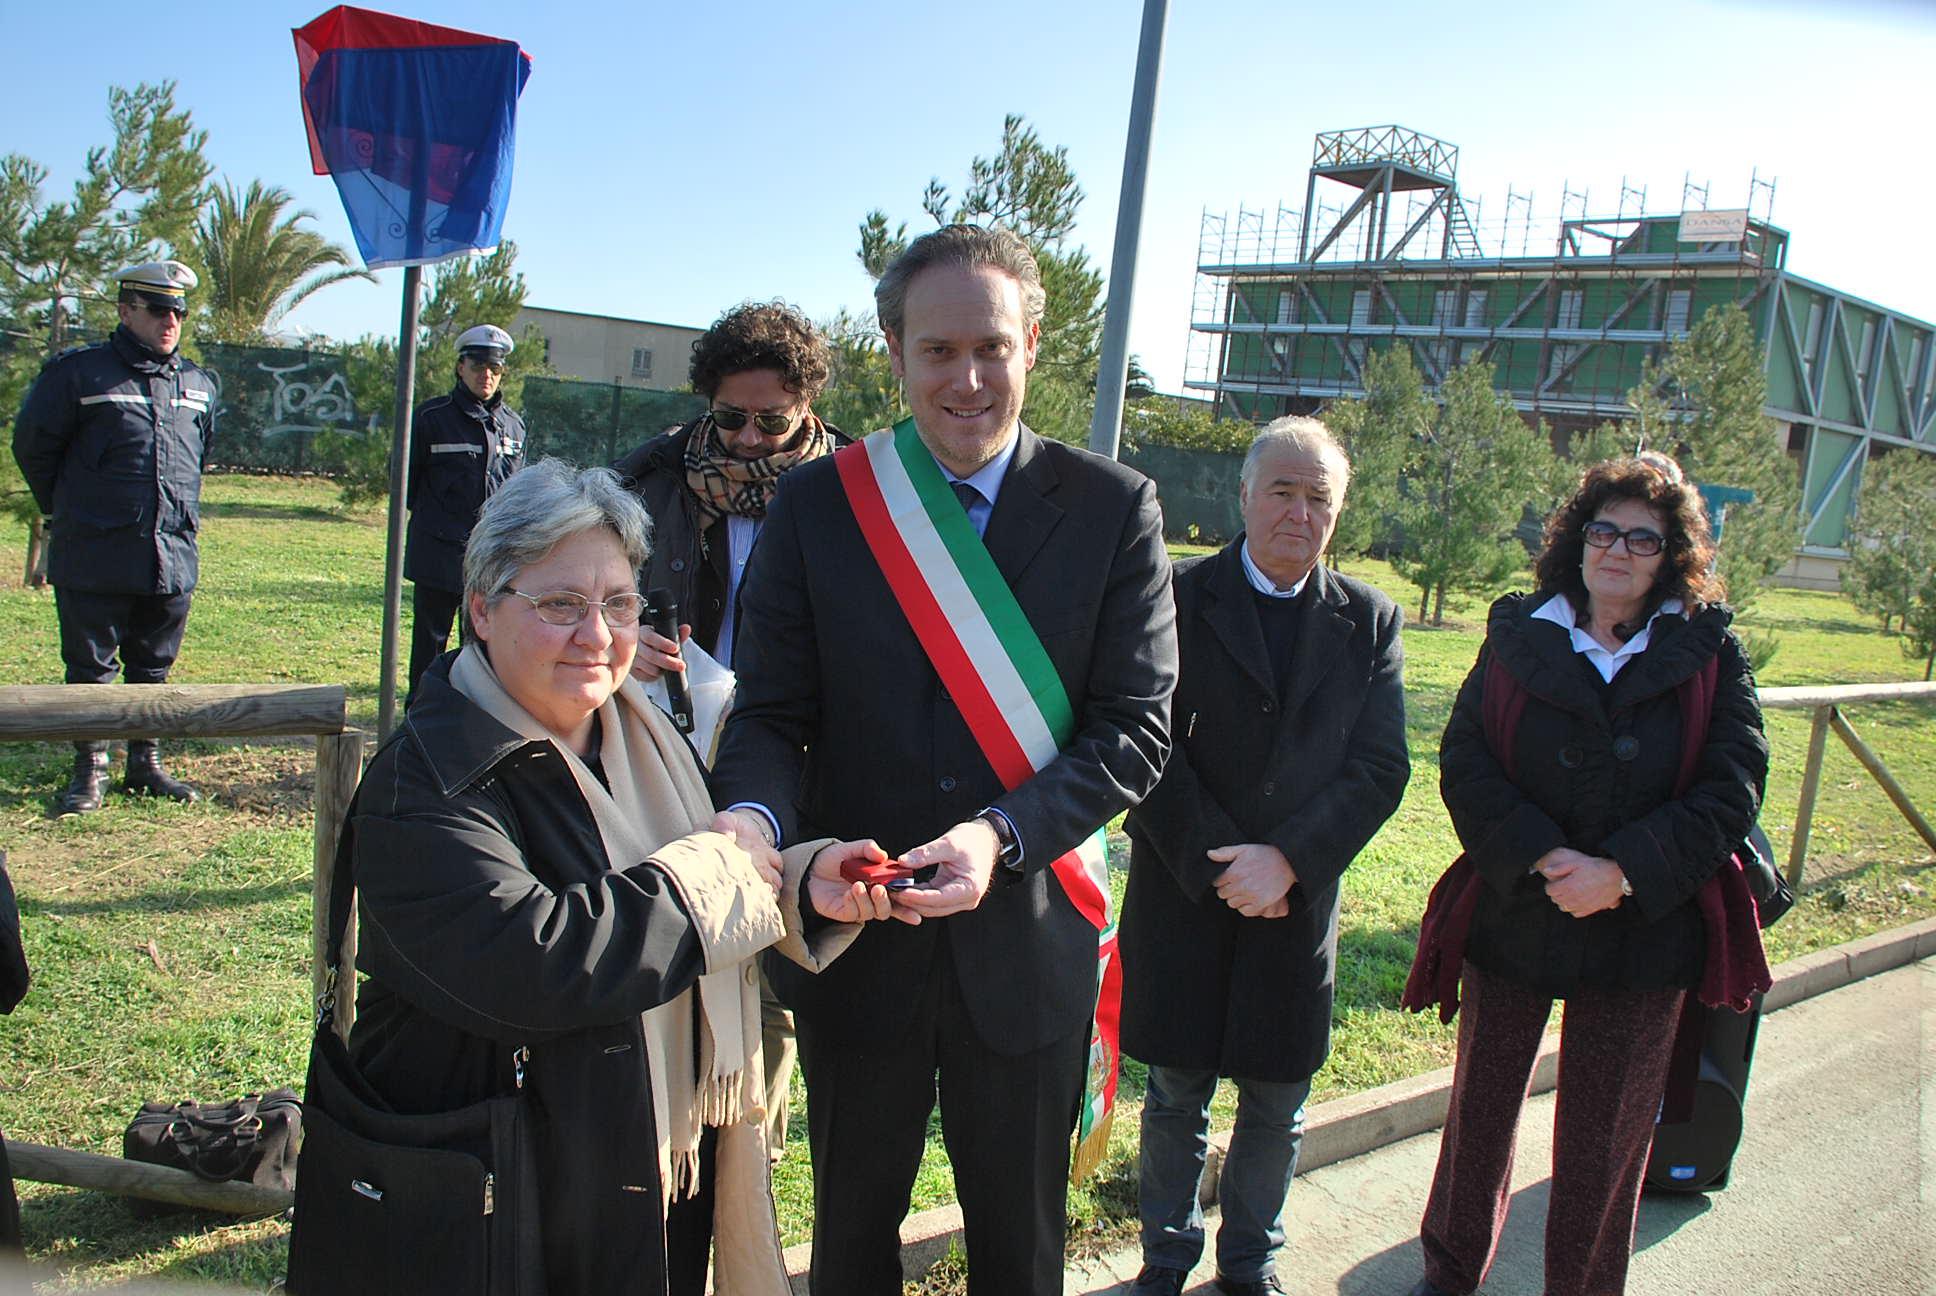 Mirella Romani premiata alla festa dei funai 3 febbraio 2011